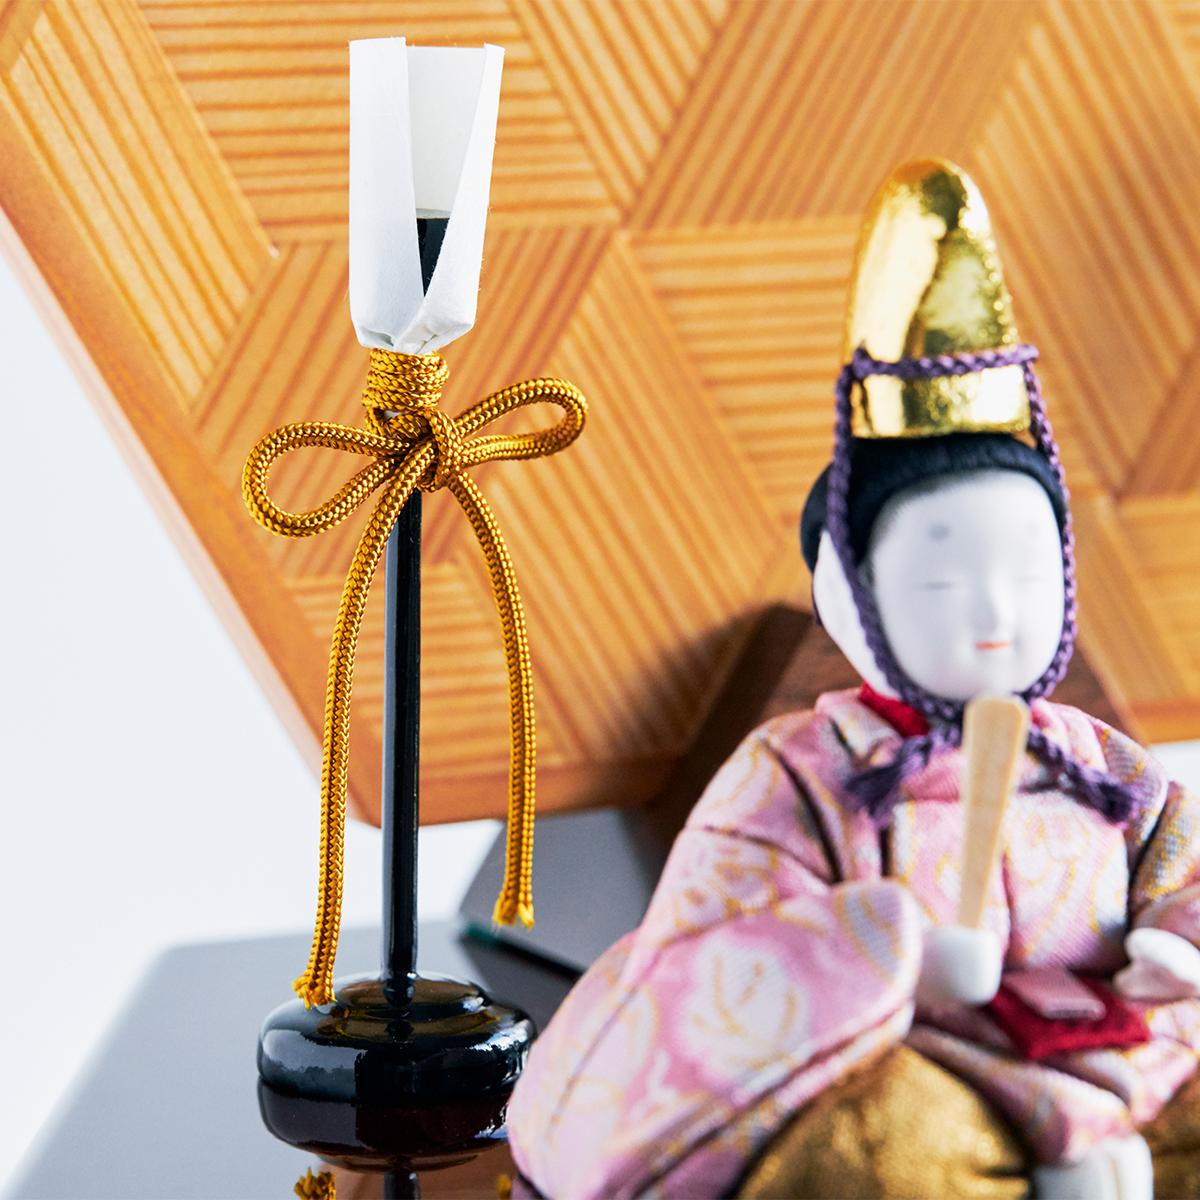 美しく自然な風合いを持つ絹糸の髪は、平安時代の割り毛スタイル。お内裏様の繊細な生え際も、一本一本筆入れされています。|柿沼東光(経済産業大臣認定伝統工芸士)× 大沼 敦(工業デザイナー)によるモダンな雛人形